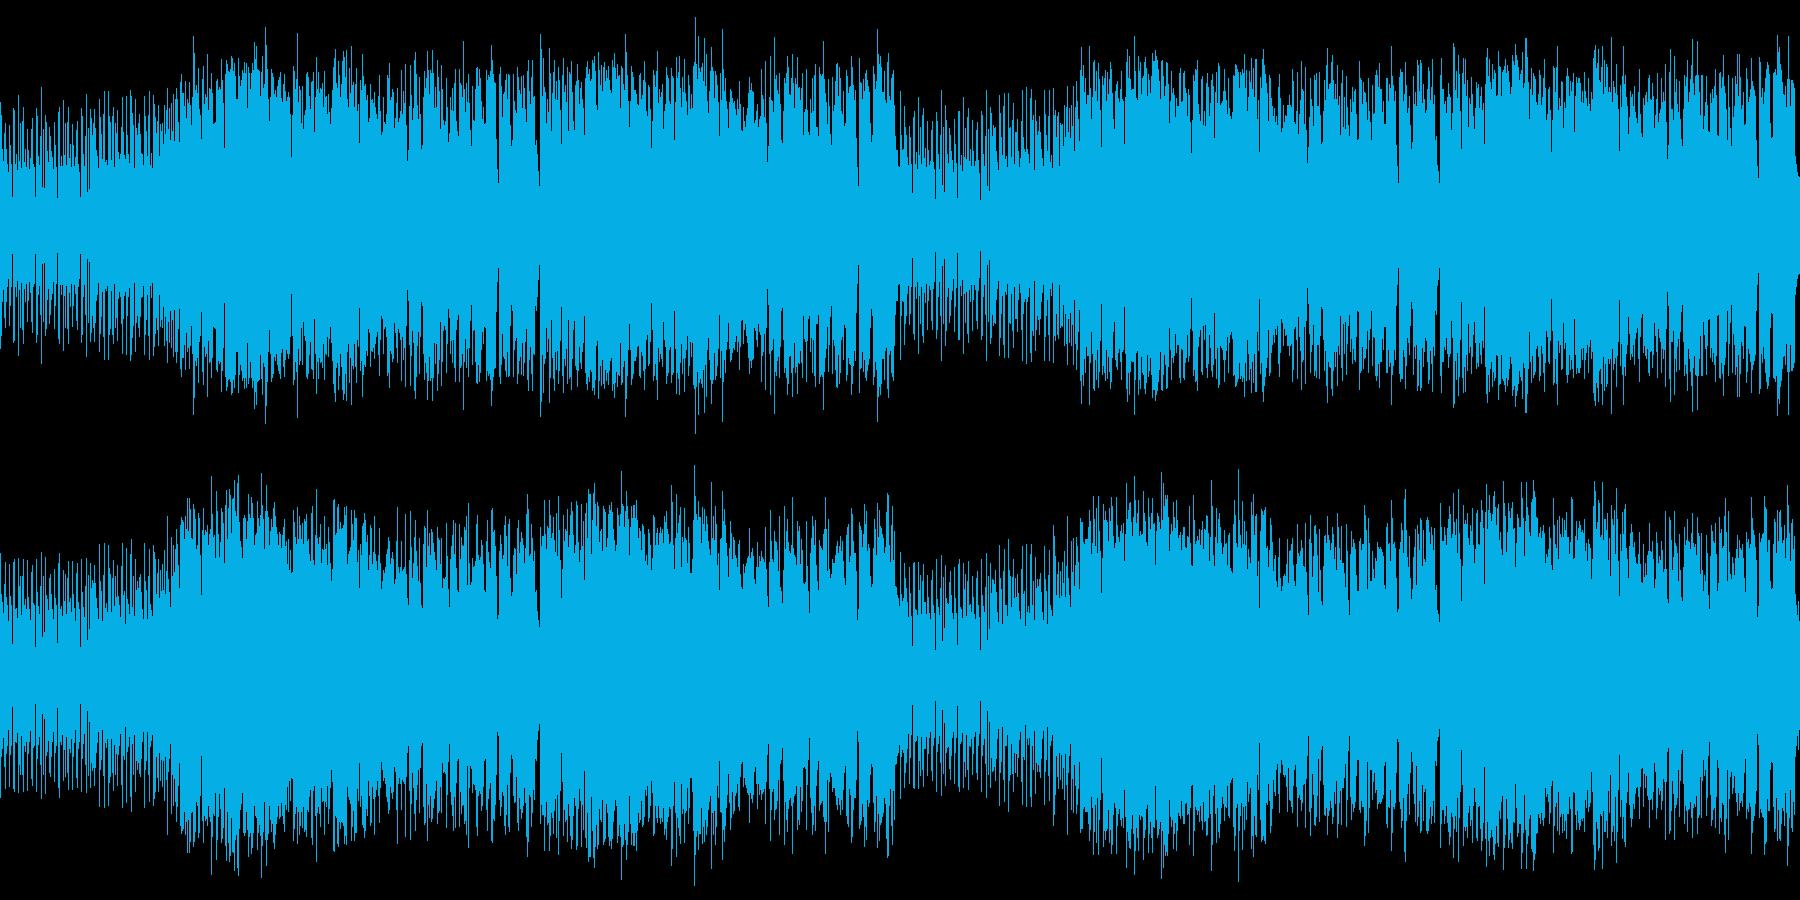 ループ素材 スタイリッシュジャズビートの再生済みの波形